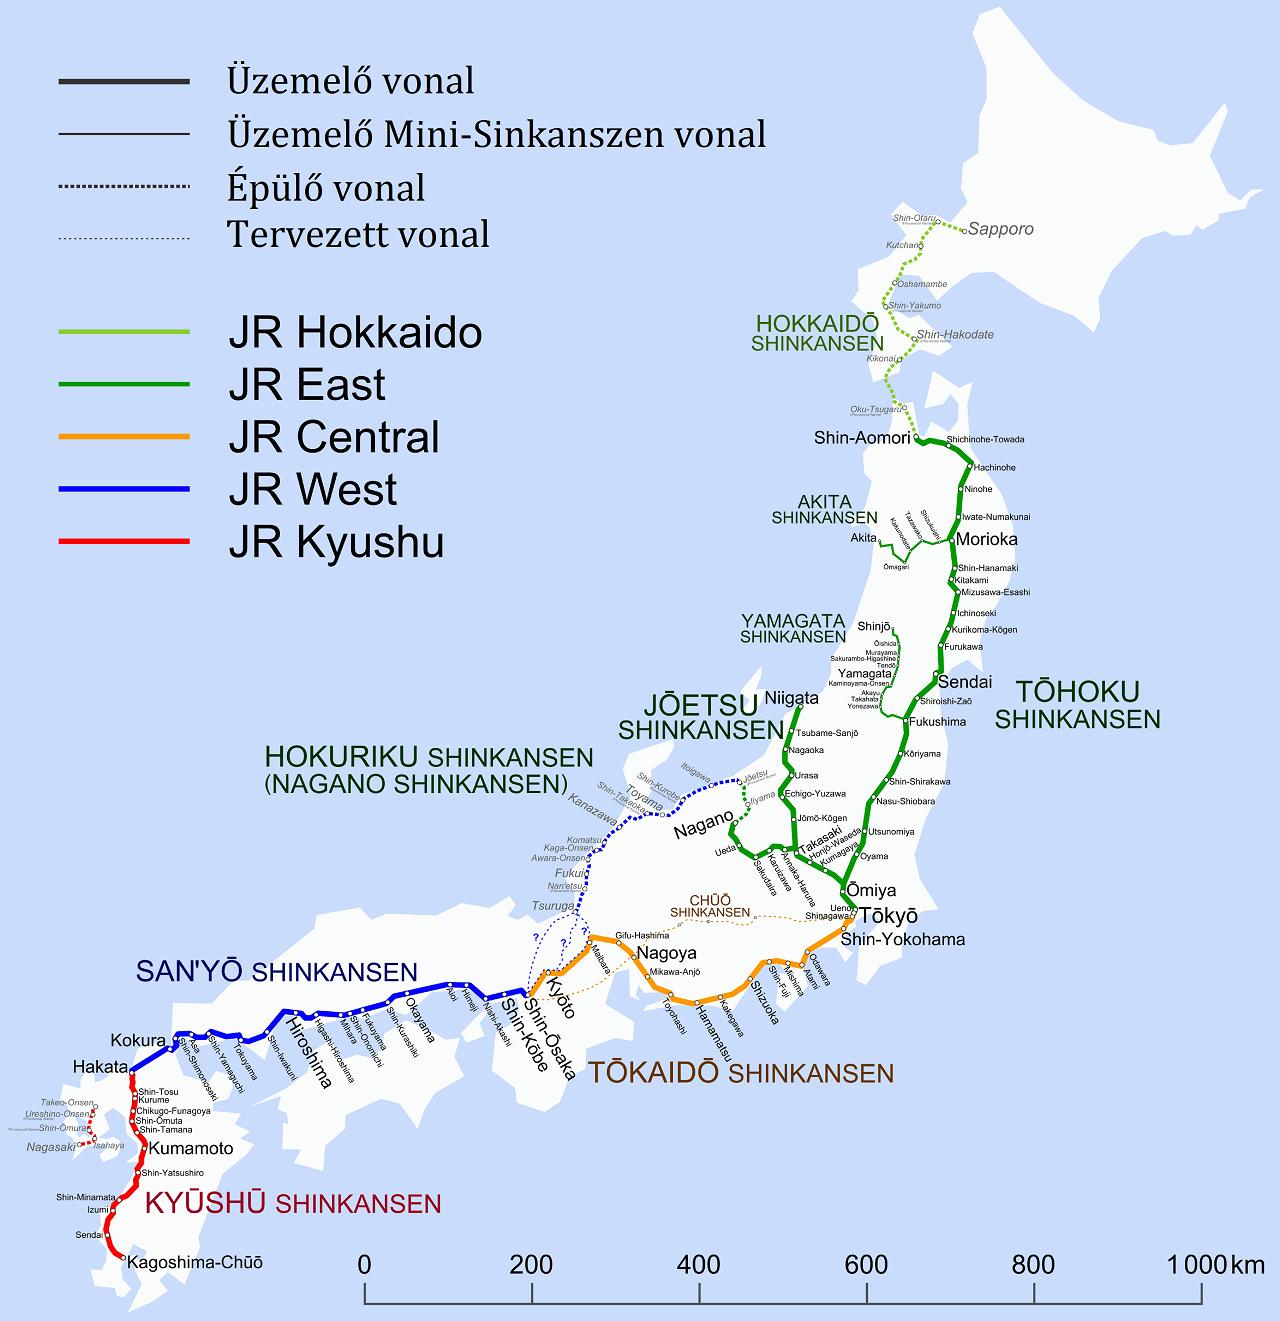 Japán nagysebességű vasútvonalai